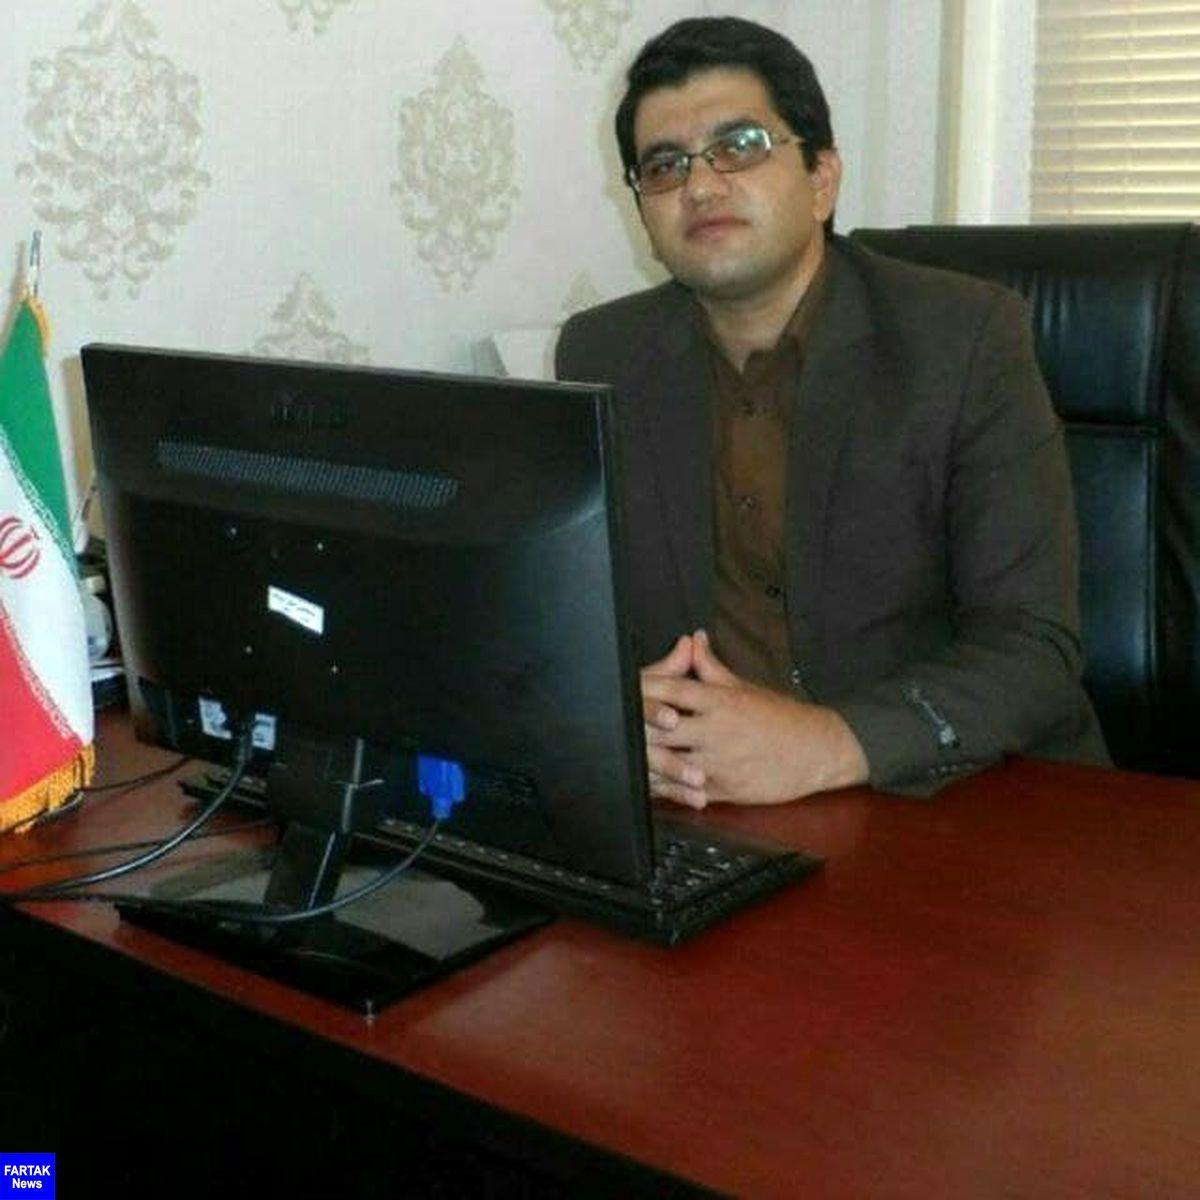 نمایشگاه تخصصی کشاورزی همزمان با نمایشگاه دام و طیور در کرمانشاه برگزار می شود